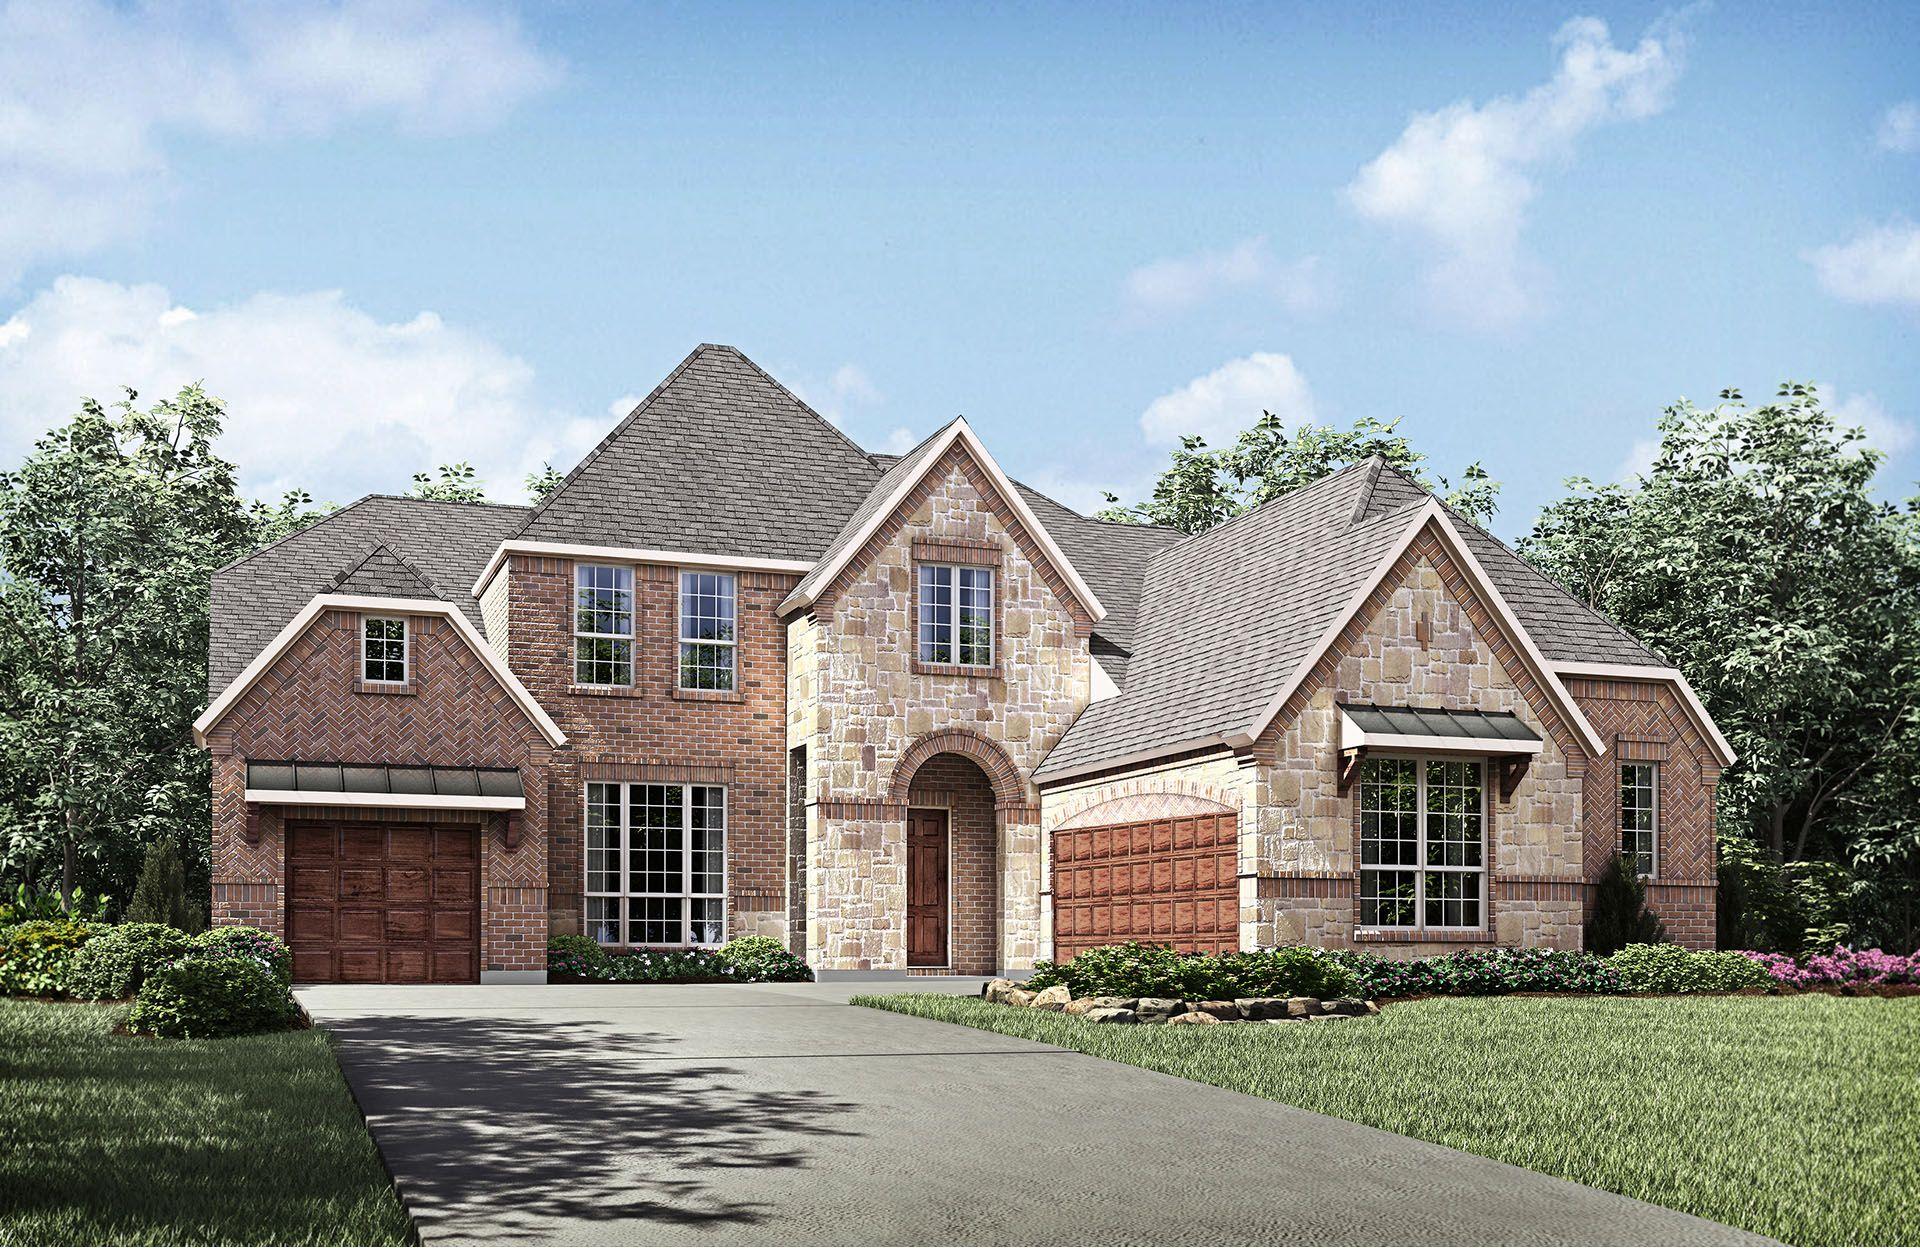 单亲家庭 为 销售 在 Houston Offsite - Brinkley Houston, Texas 77070 United States